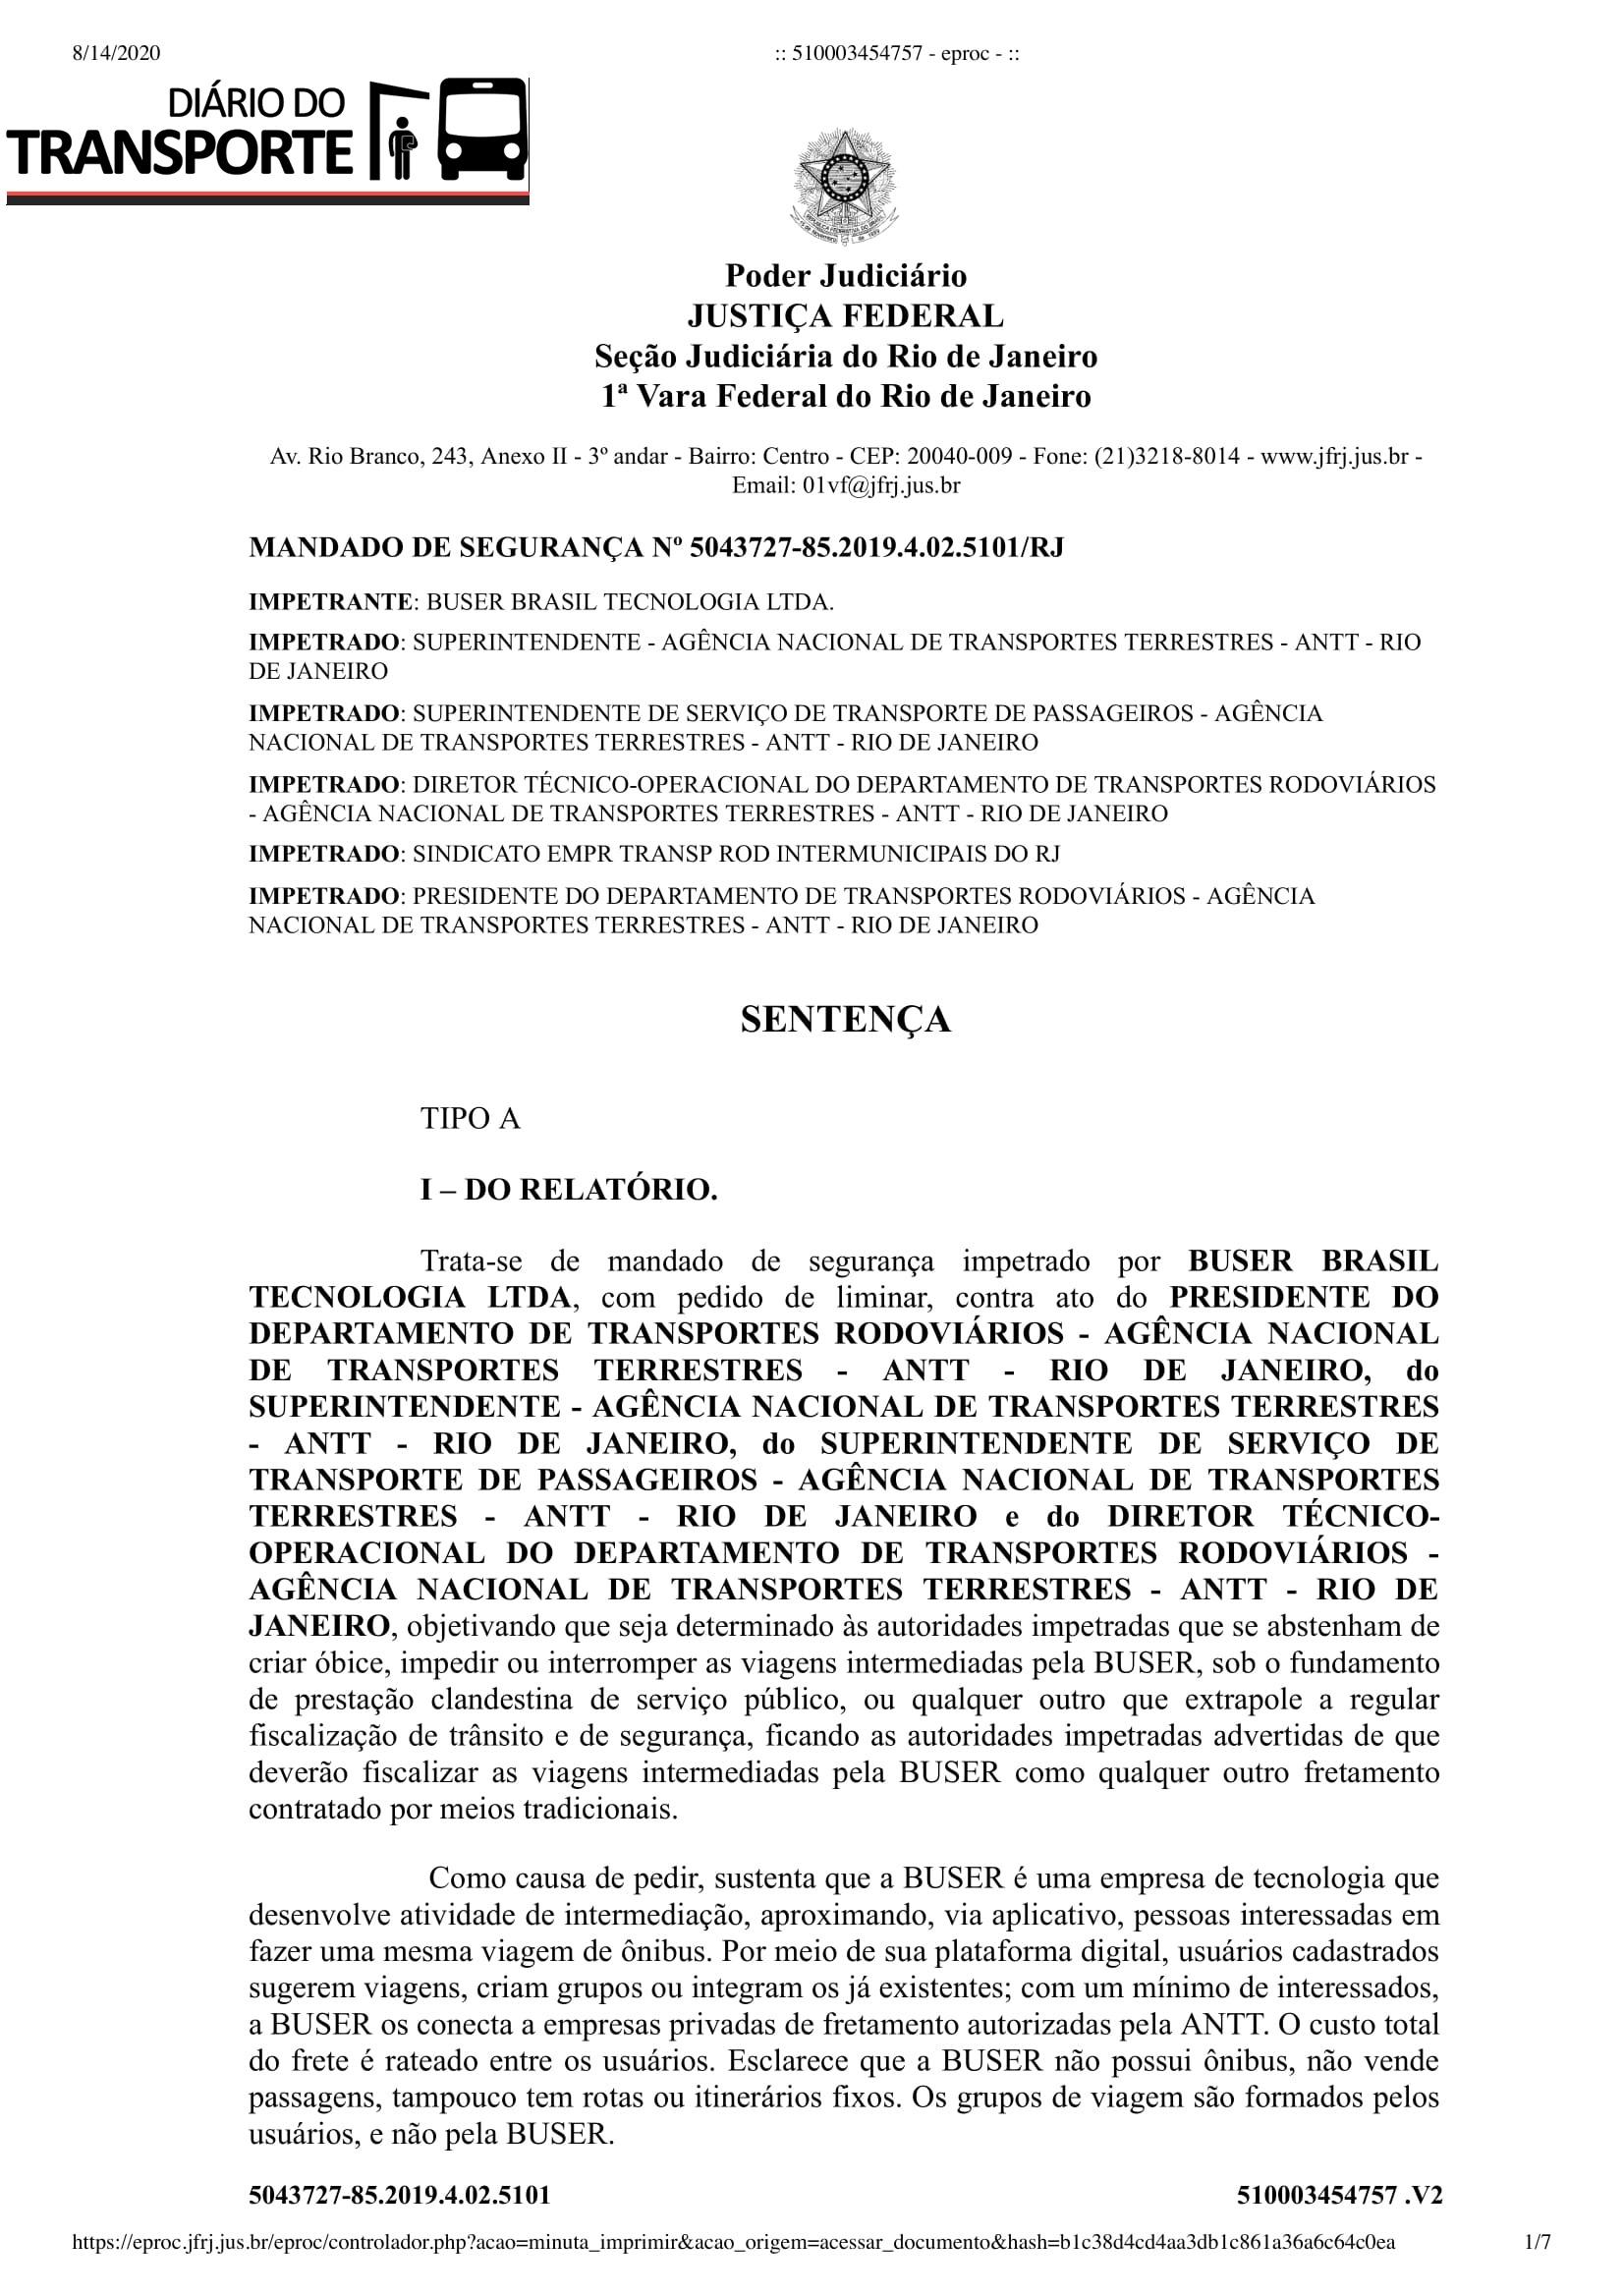 Sentença-07-paginas-1